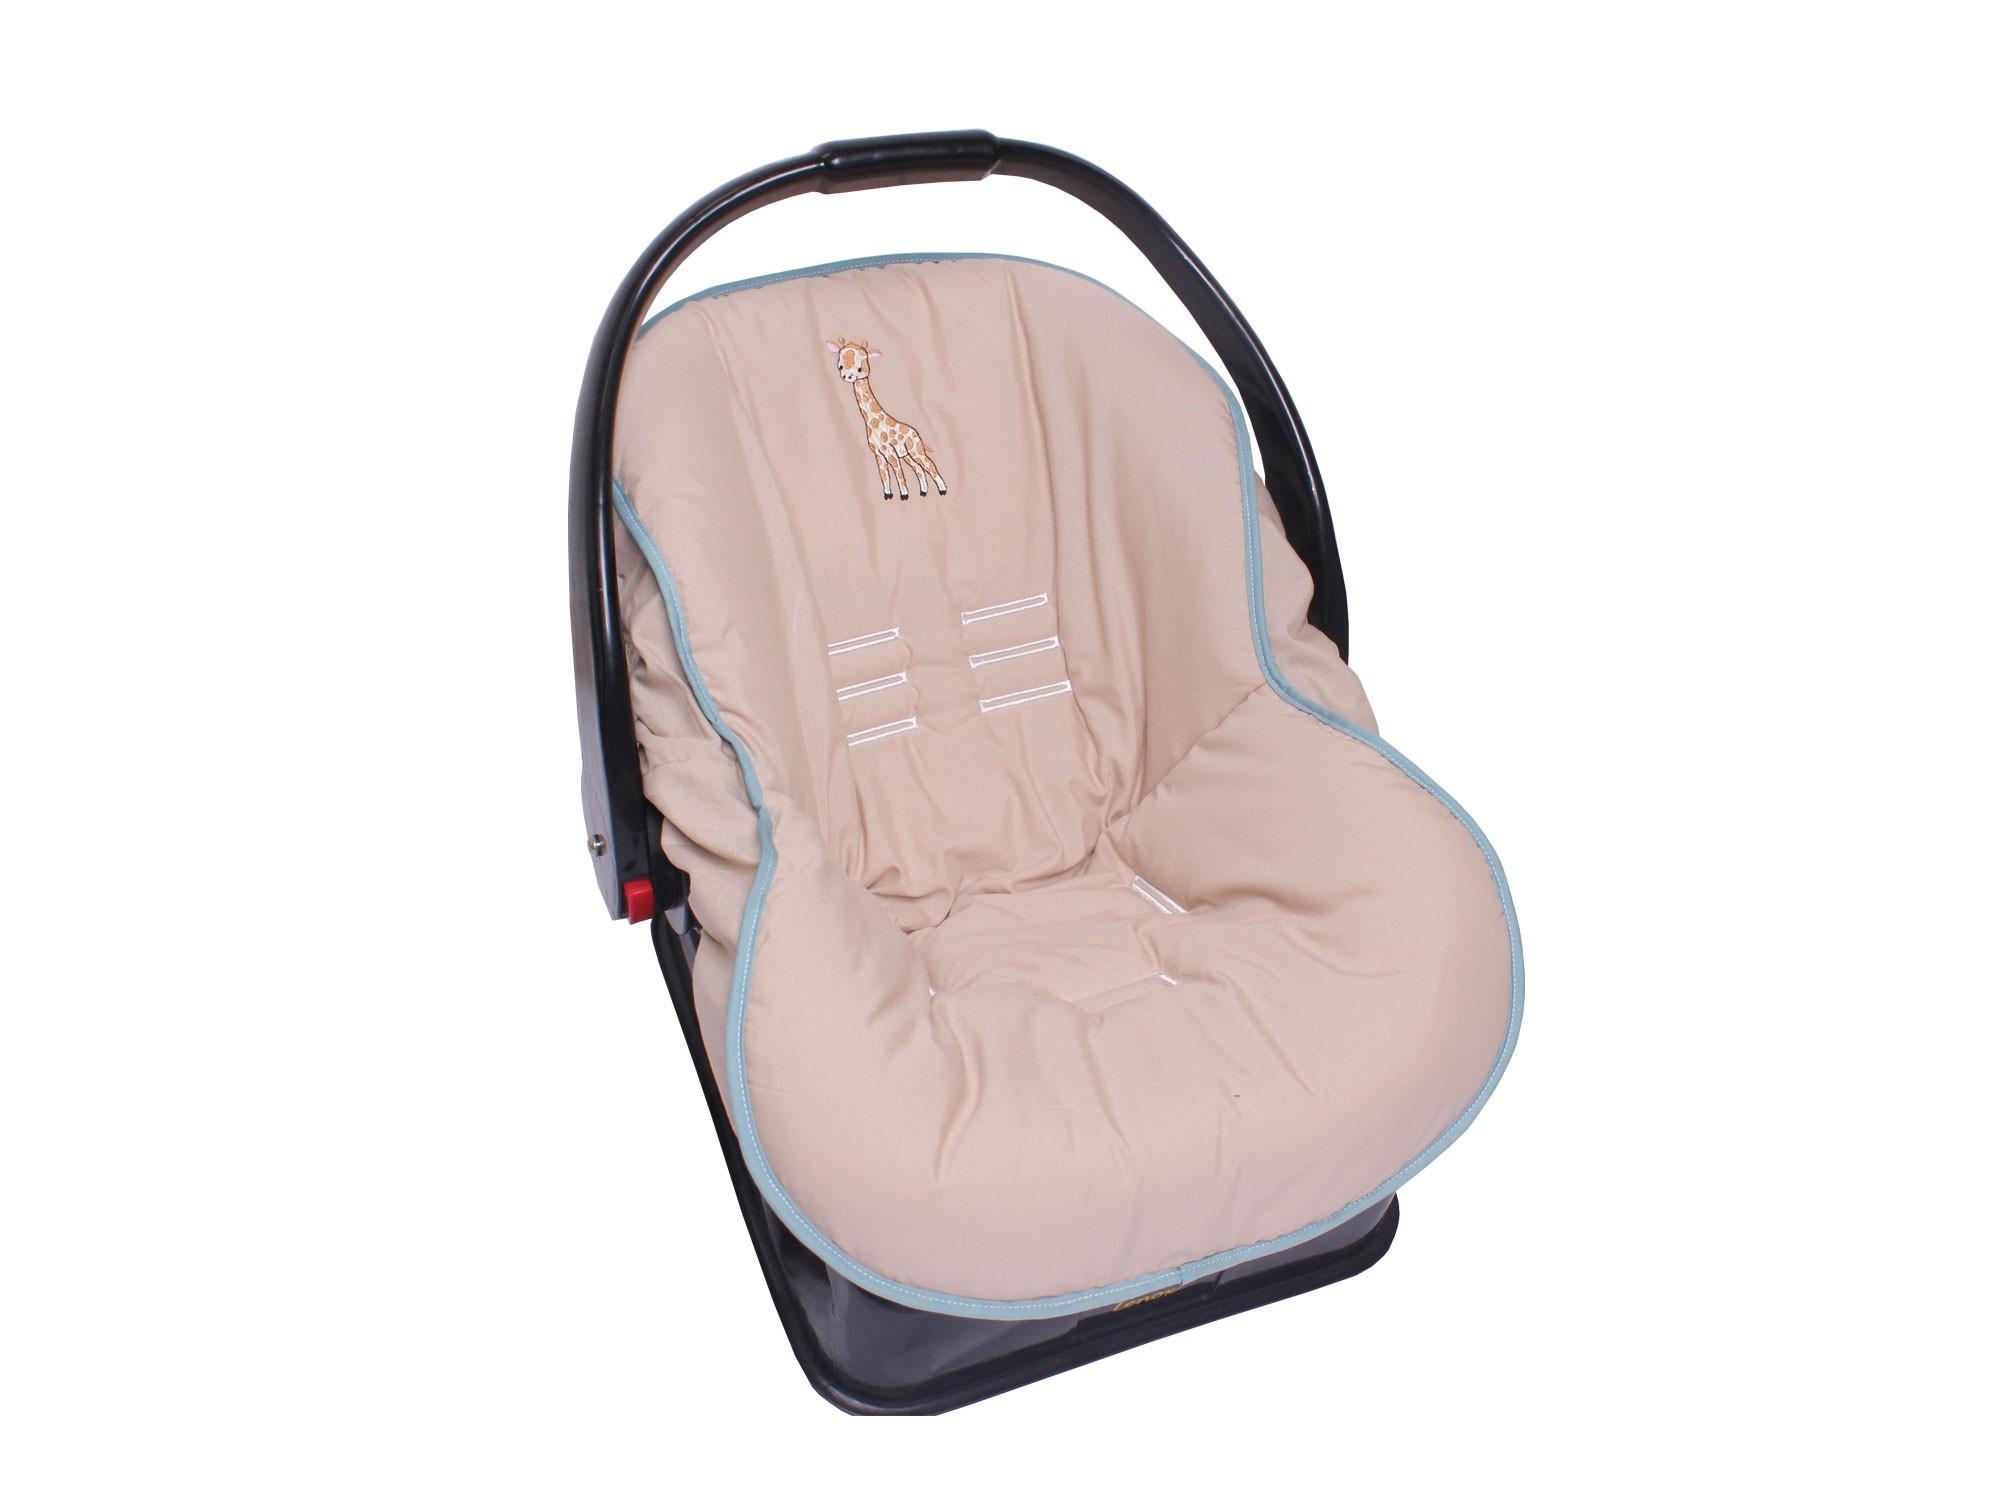 Capa de Bebê Conforto Mali   - Toca do Bebê